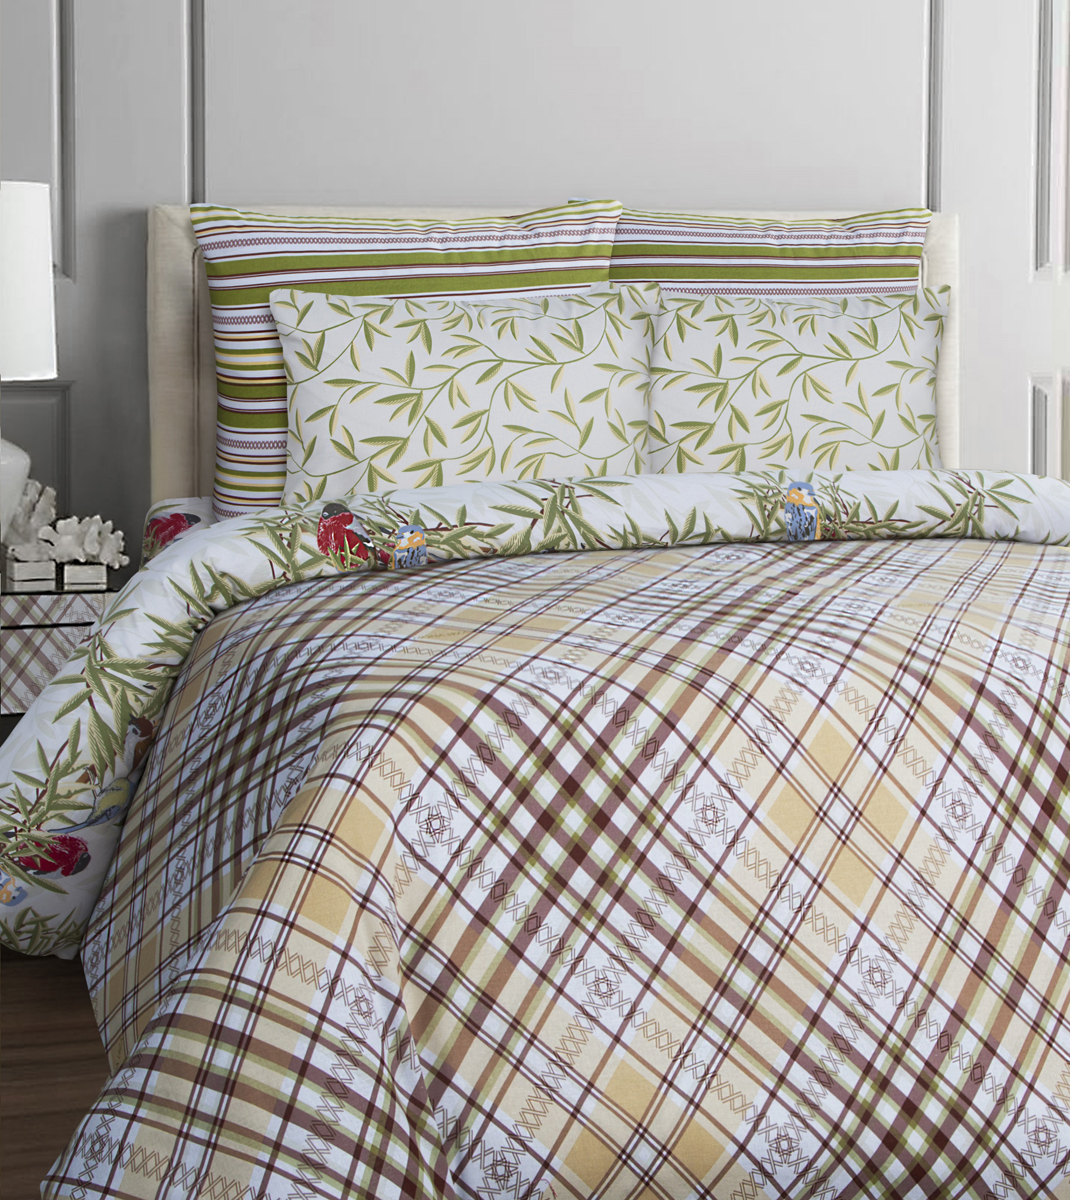 Комплект белья Mona Liza British Essex, 2-спальный, наволочки 70x70. 552203-75 комплекты белья